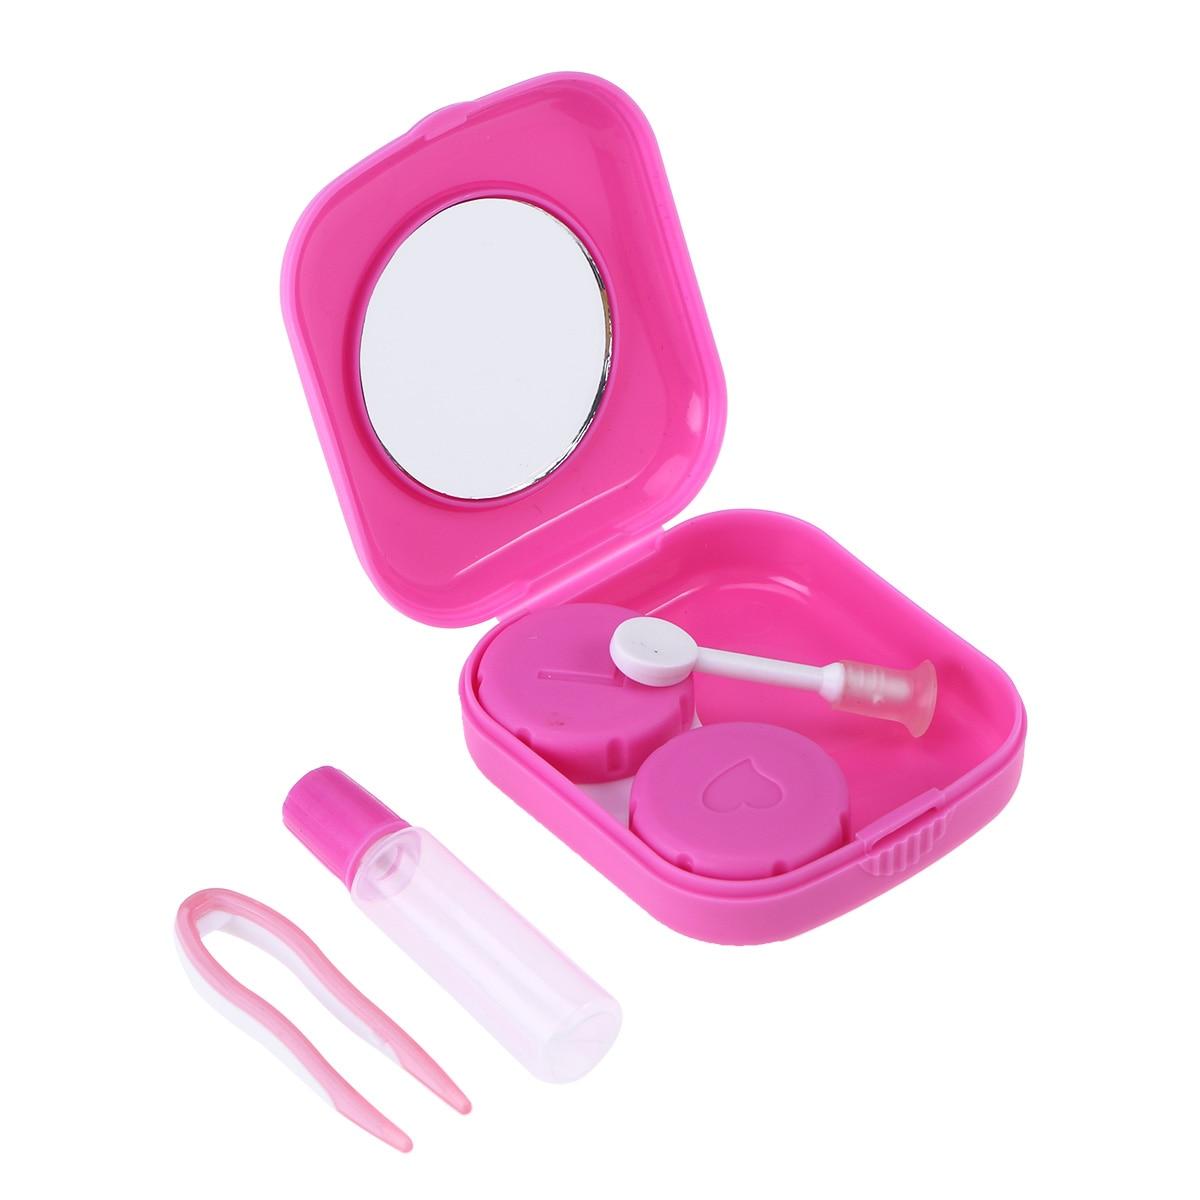 1 Pc Candy-farbige Kontaktlinsen Fall Waschbar Tragbare Einfache Mini Kunststoff Kontaktlinsen Schönheit Pflege Box Begleiter Box